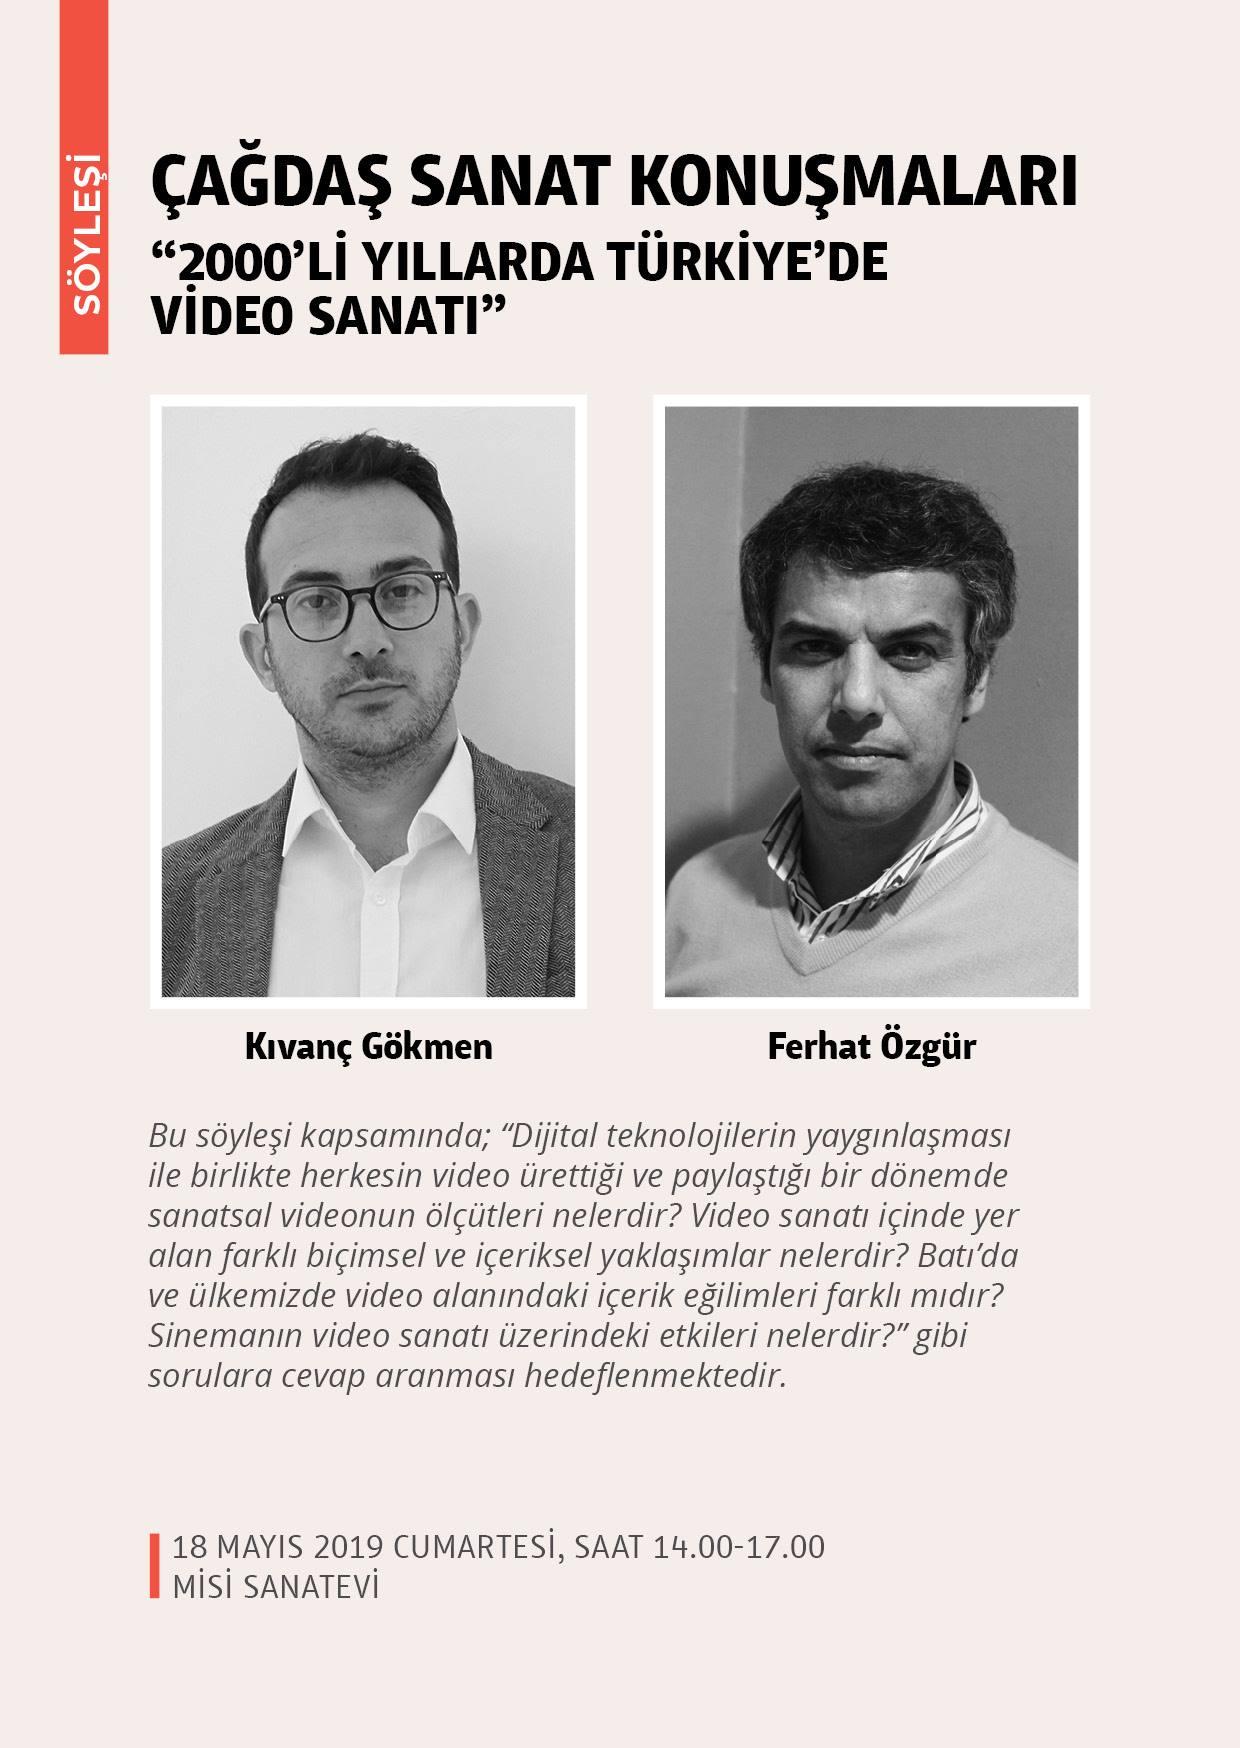 2000'li Yıllarda Türkiye'de Video Sanatı